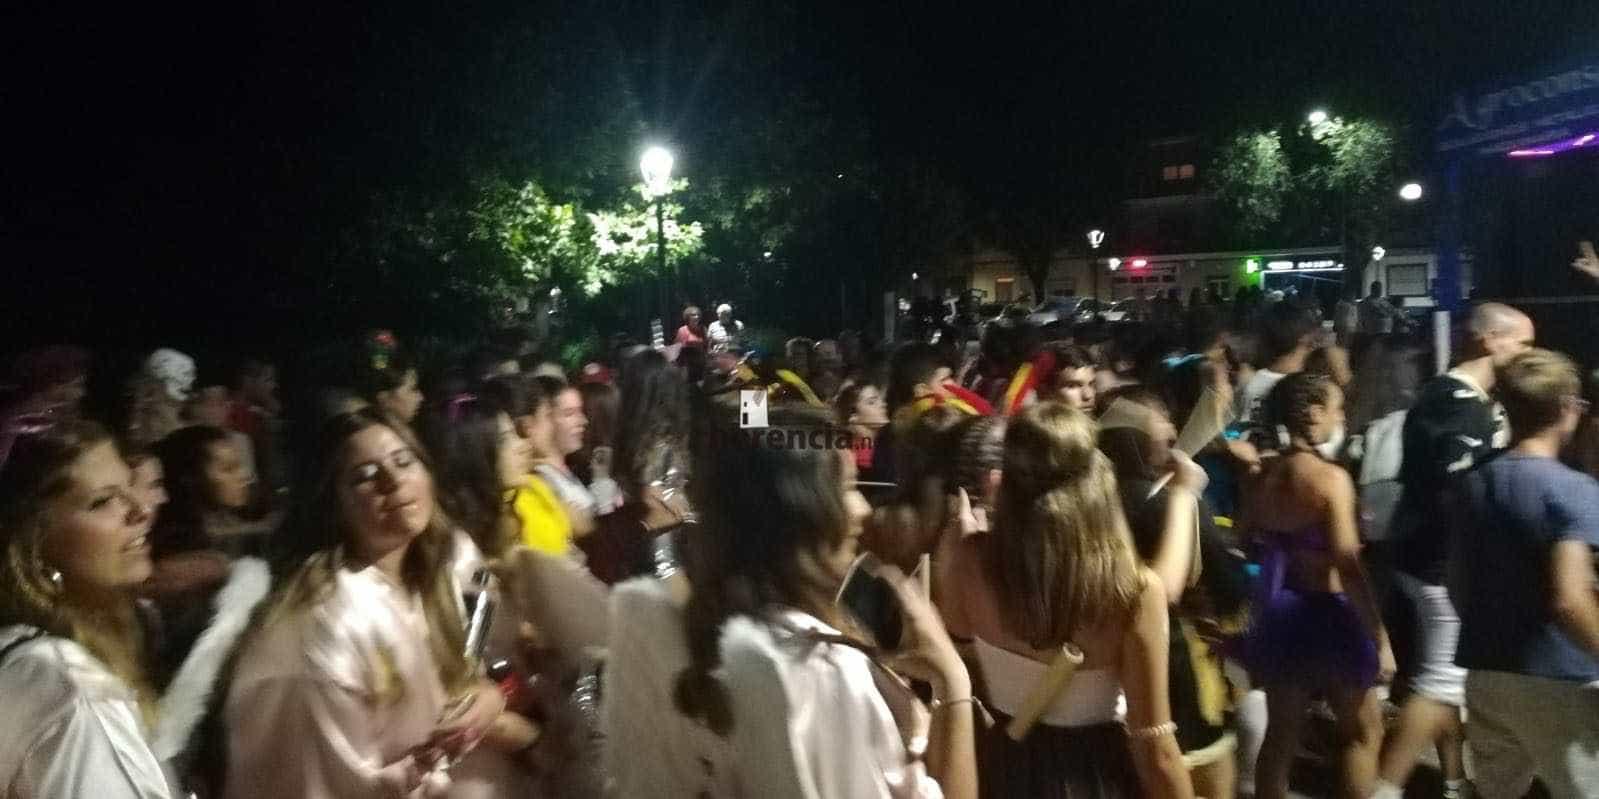 Carnaval de herencia 2019 galeria 17 - Galería de fotografías del Carnaval de Verano 2019